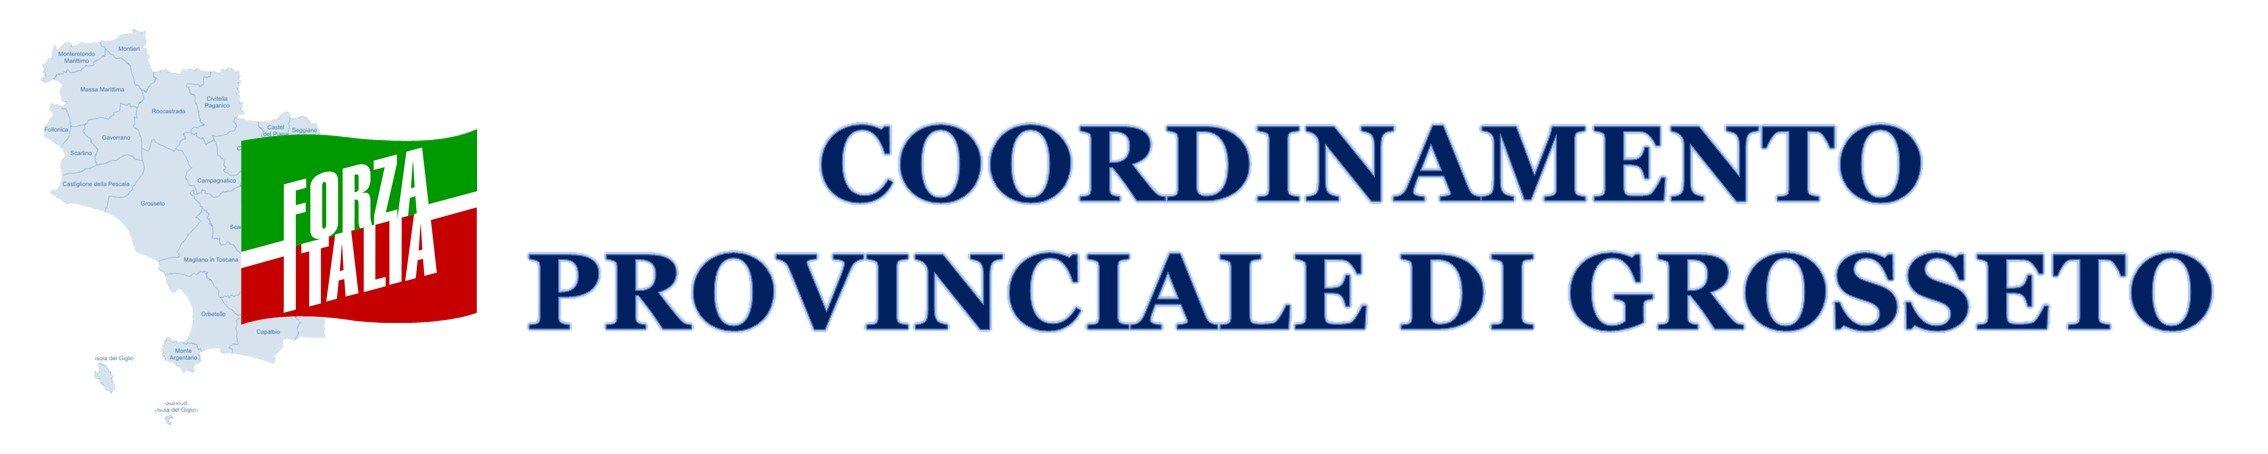 Coordinamento provinciale di Grosseto